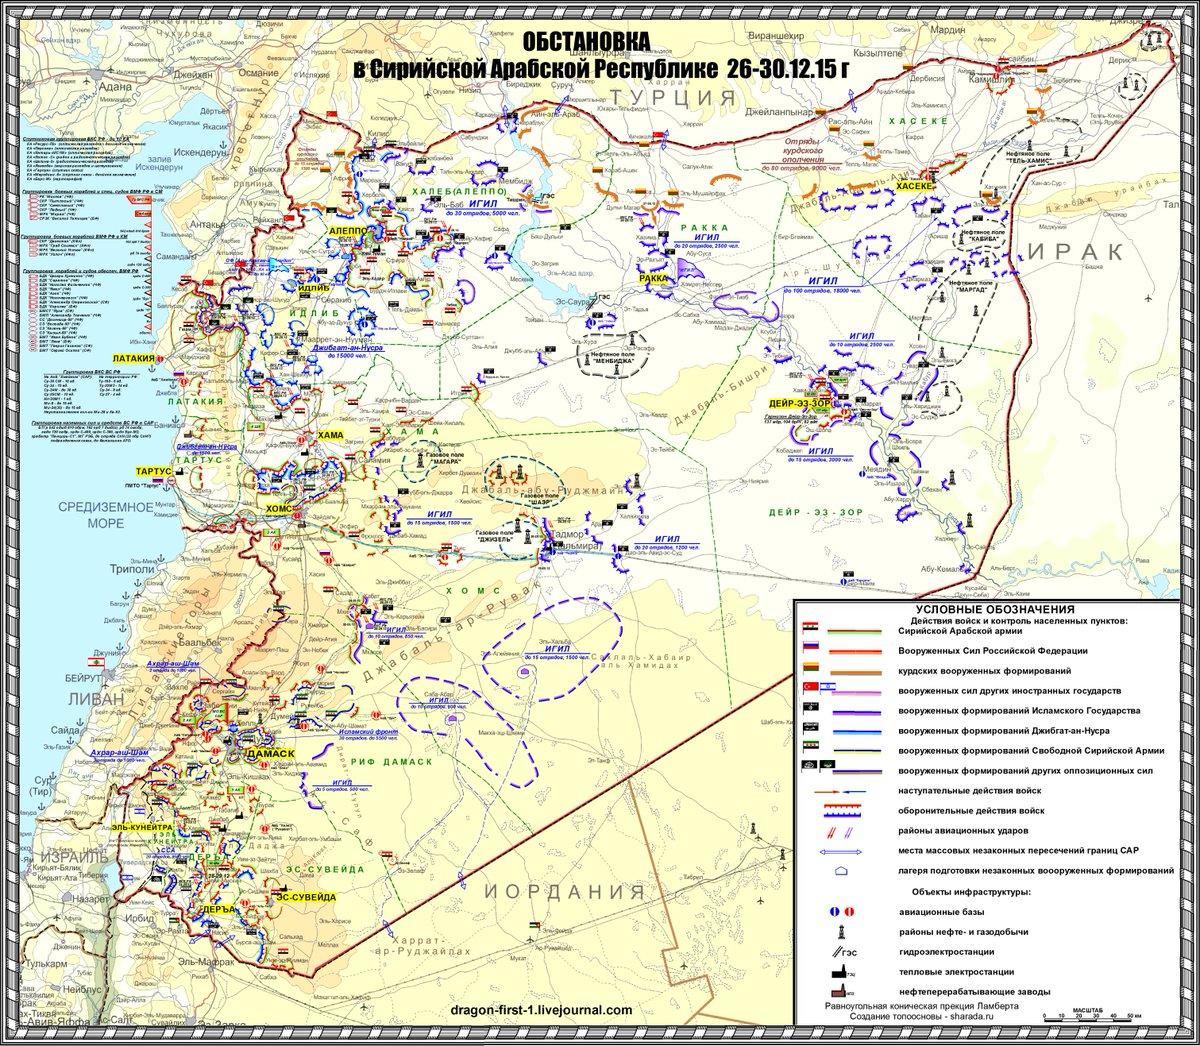 карта боевых действий игил сегодня